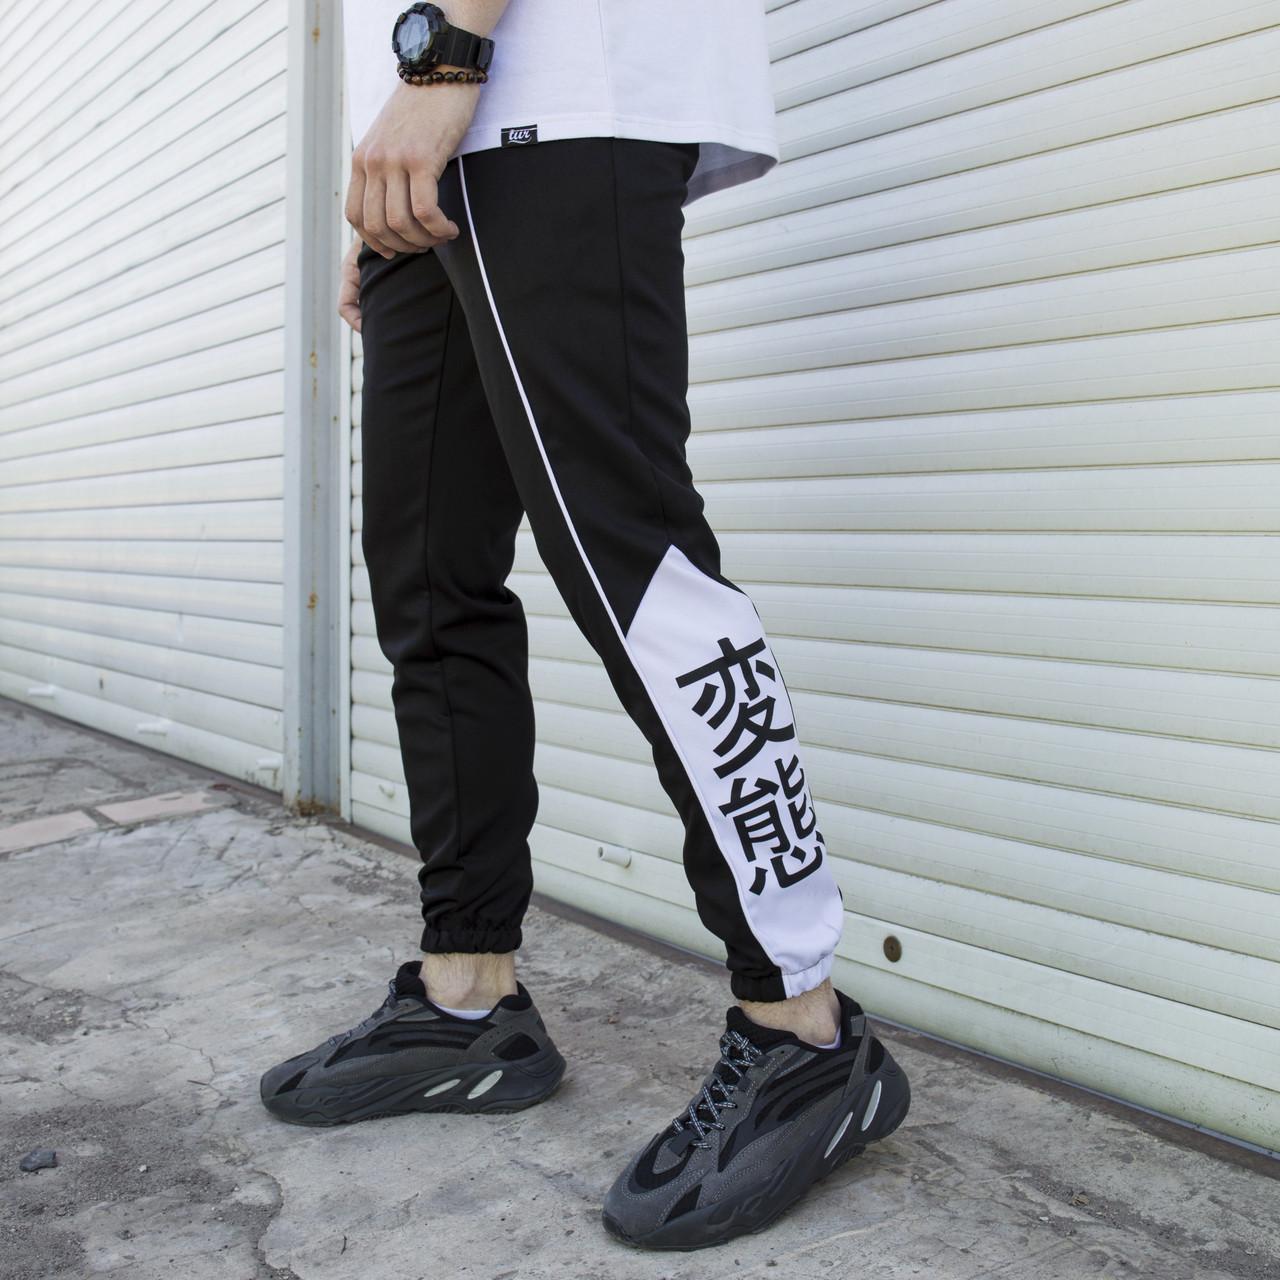 Cпортивные штаны мужские черно-белые с лампасом от бренда ТУР модель Крид (Creed)